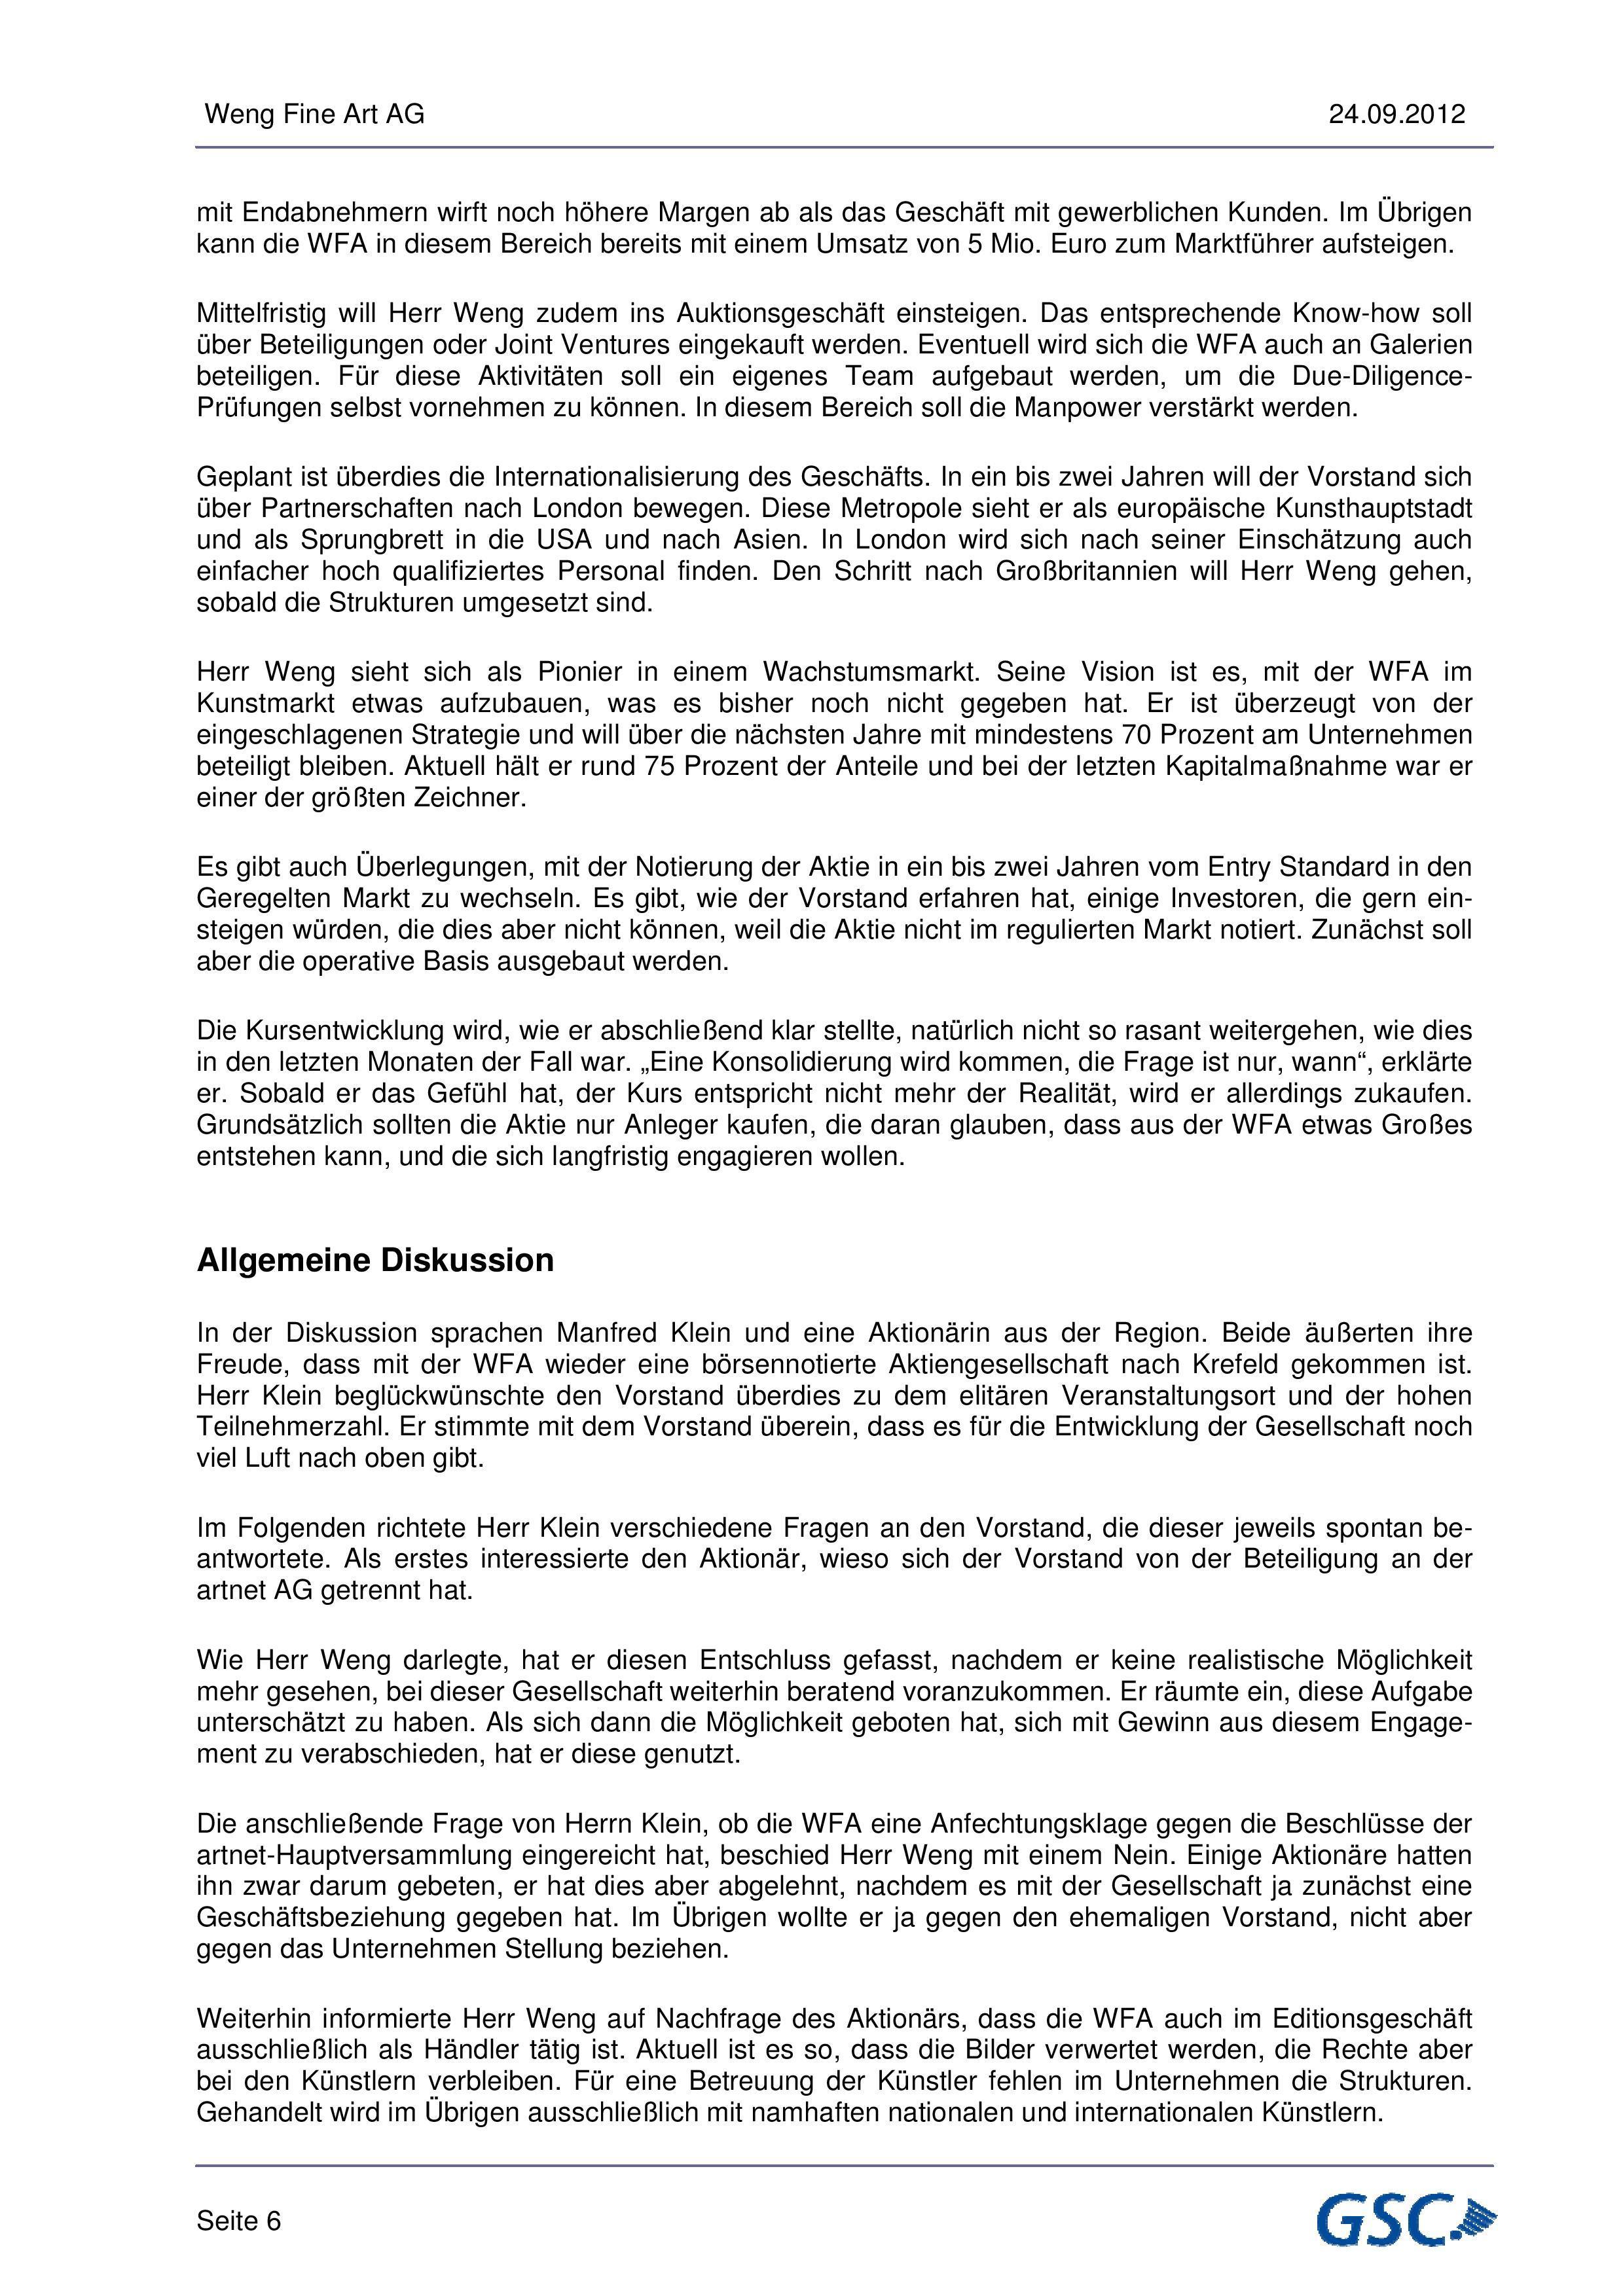 Weng_Fine_Art_AG_HV-Bericht_2012-09-24-page-006.jpg#asset:3530